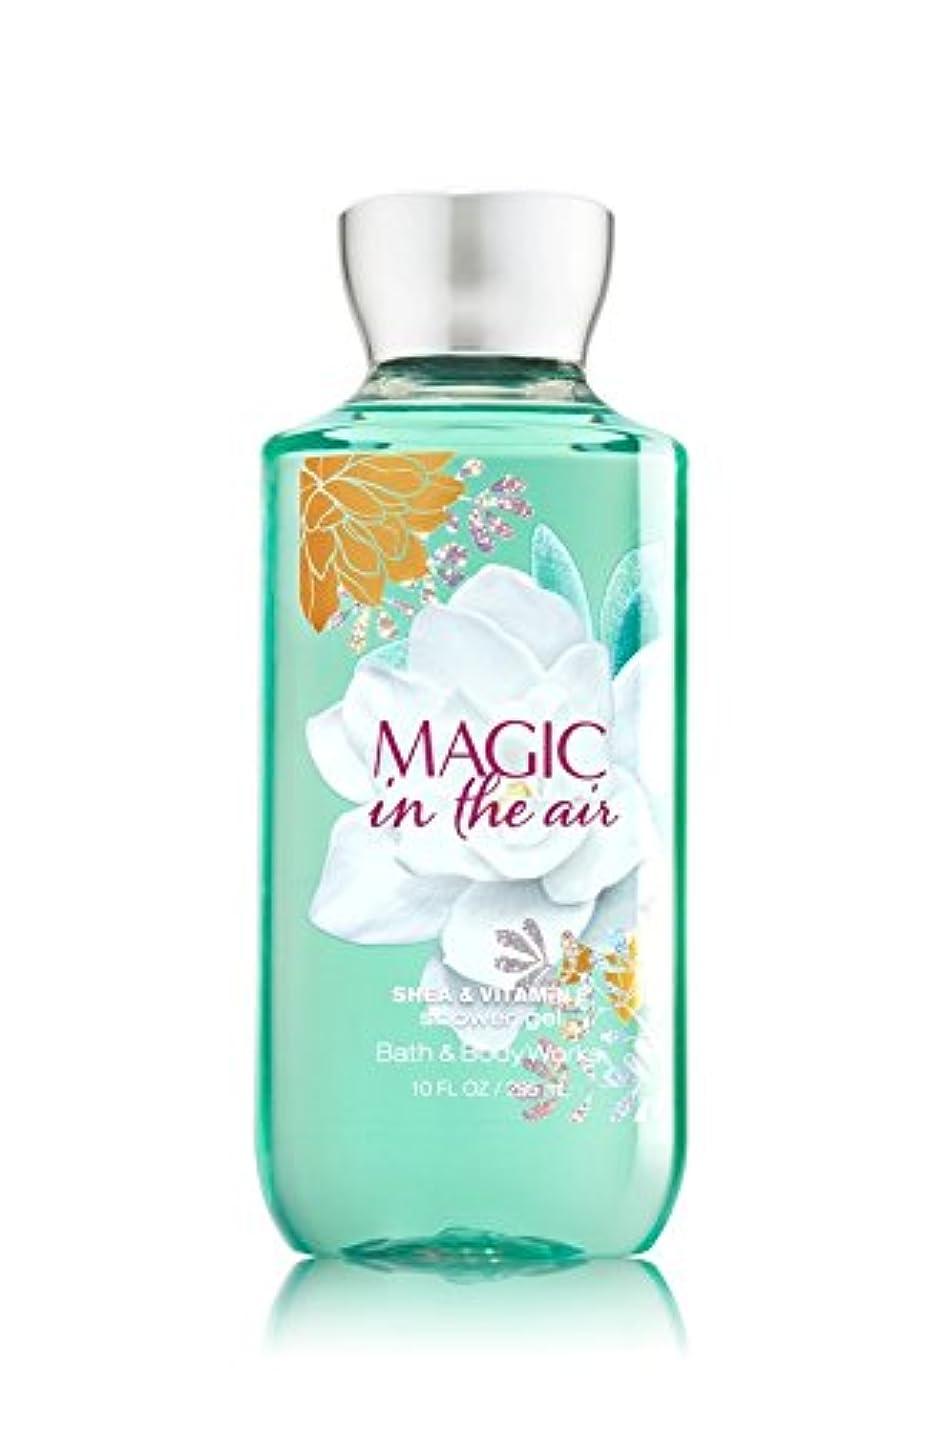 息苦しい液体スピン【Bath&Body Works/バス&ボディワークス】 シャワージェル マジックインザエアー Shower Gel Magic in the Air 10 fl oz / 295 mL [並行輸入品]